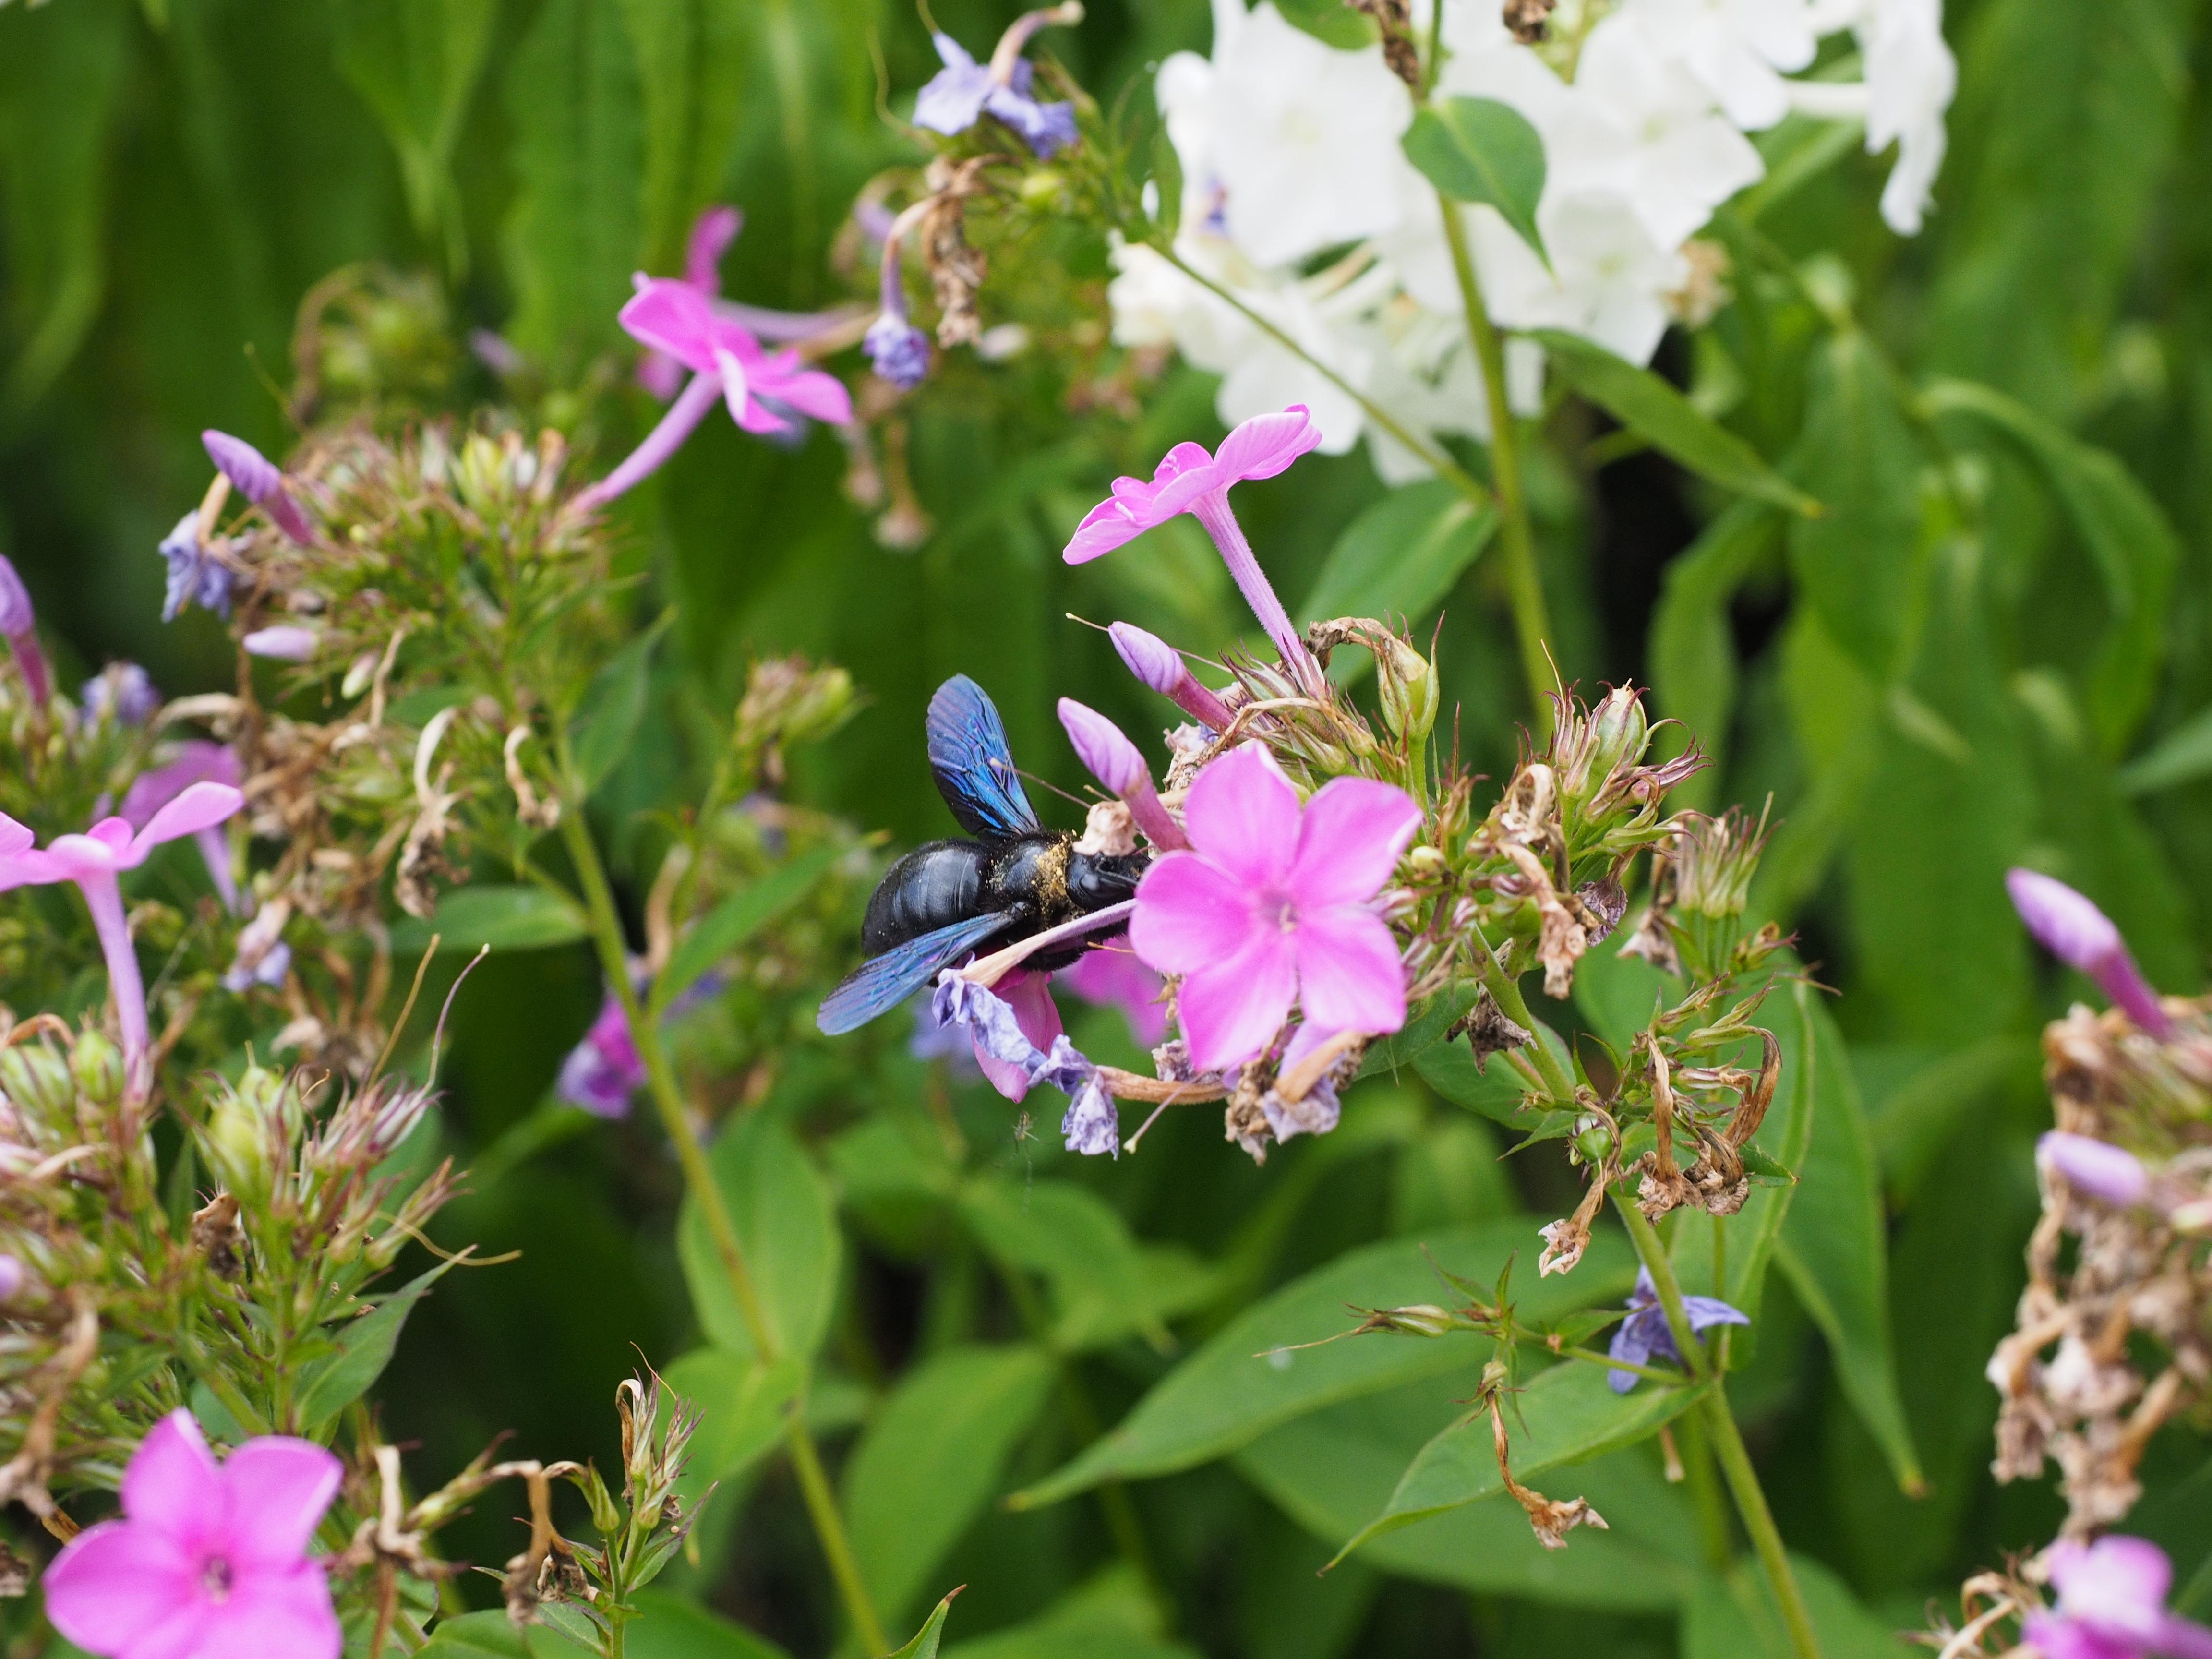 Images Gratuites Fleur Herbe Insecte Botanique Flore